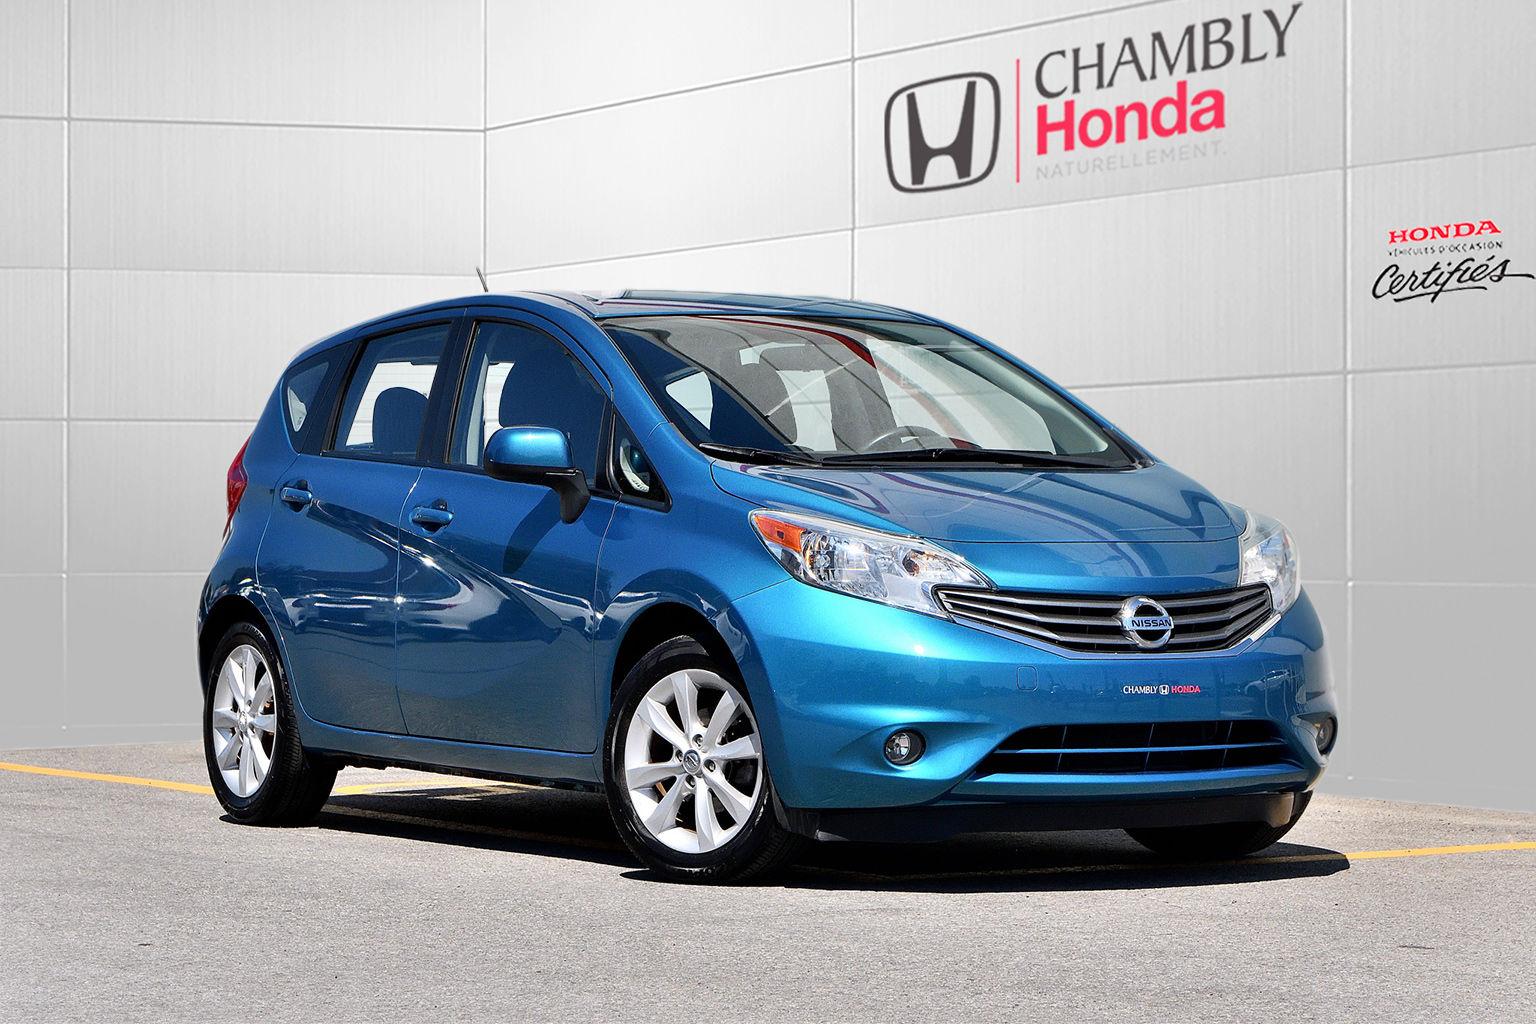 Kekurangan Honda Versa Spesifikasi